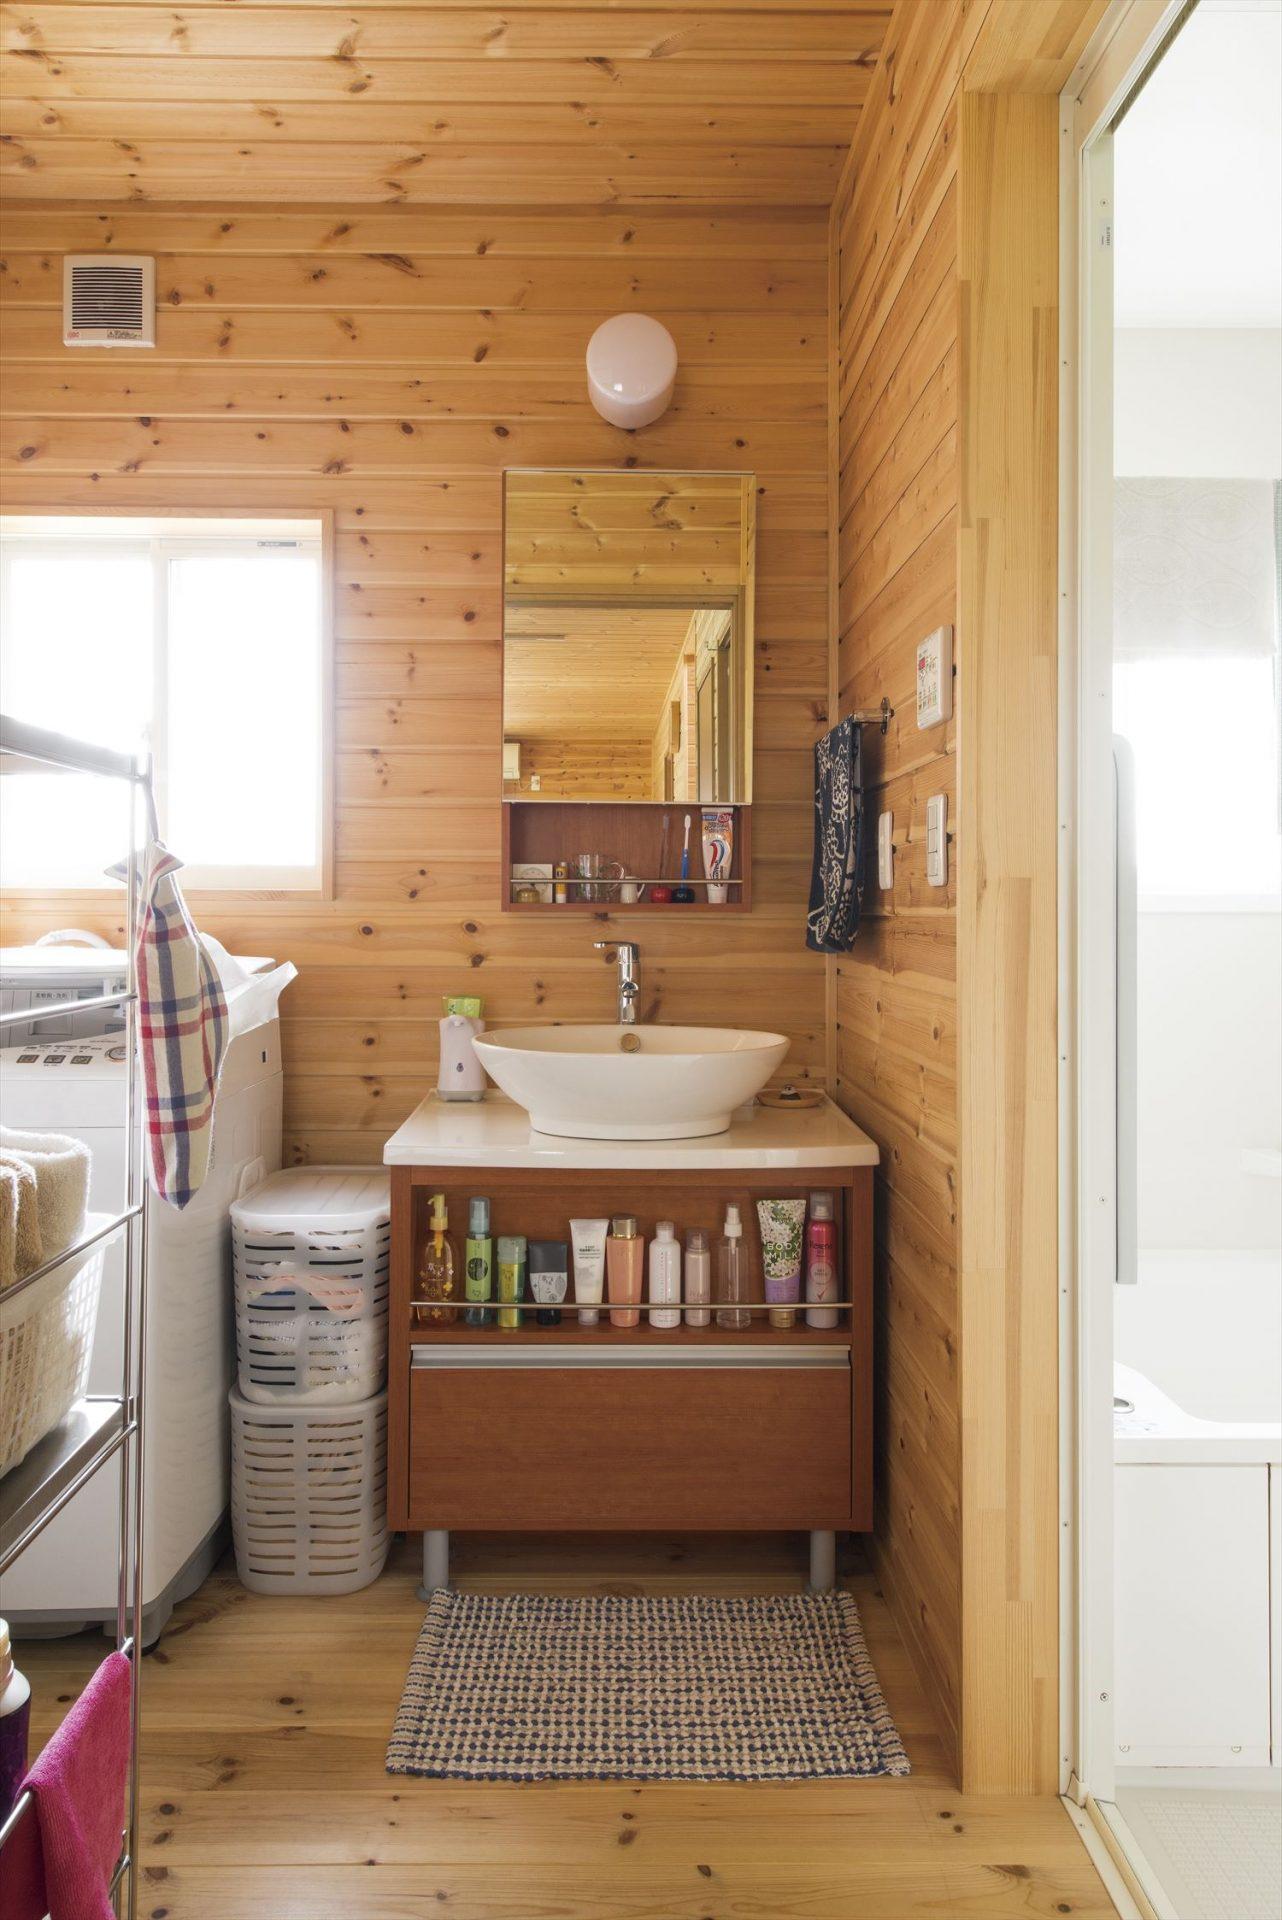 無垢材内装の洗面室|ログハウスのような木の家を低価格で建てるならエイ・ワン